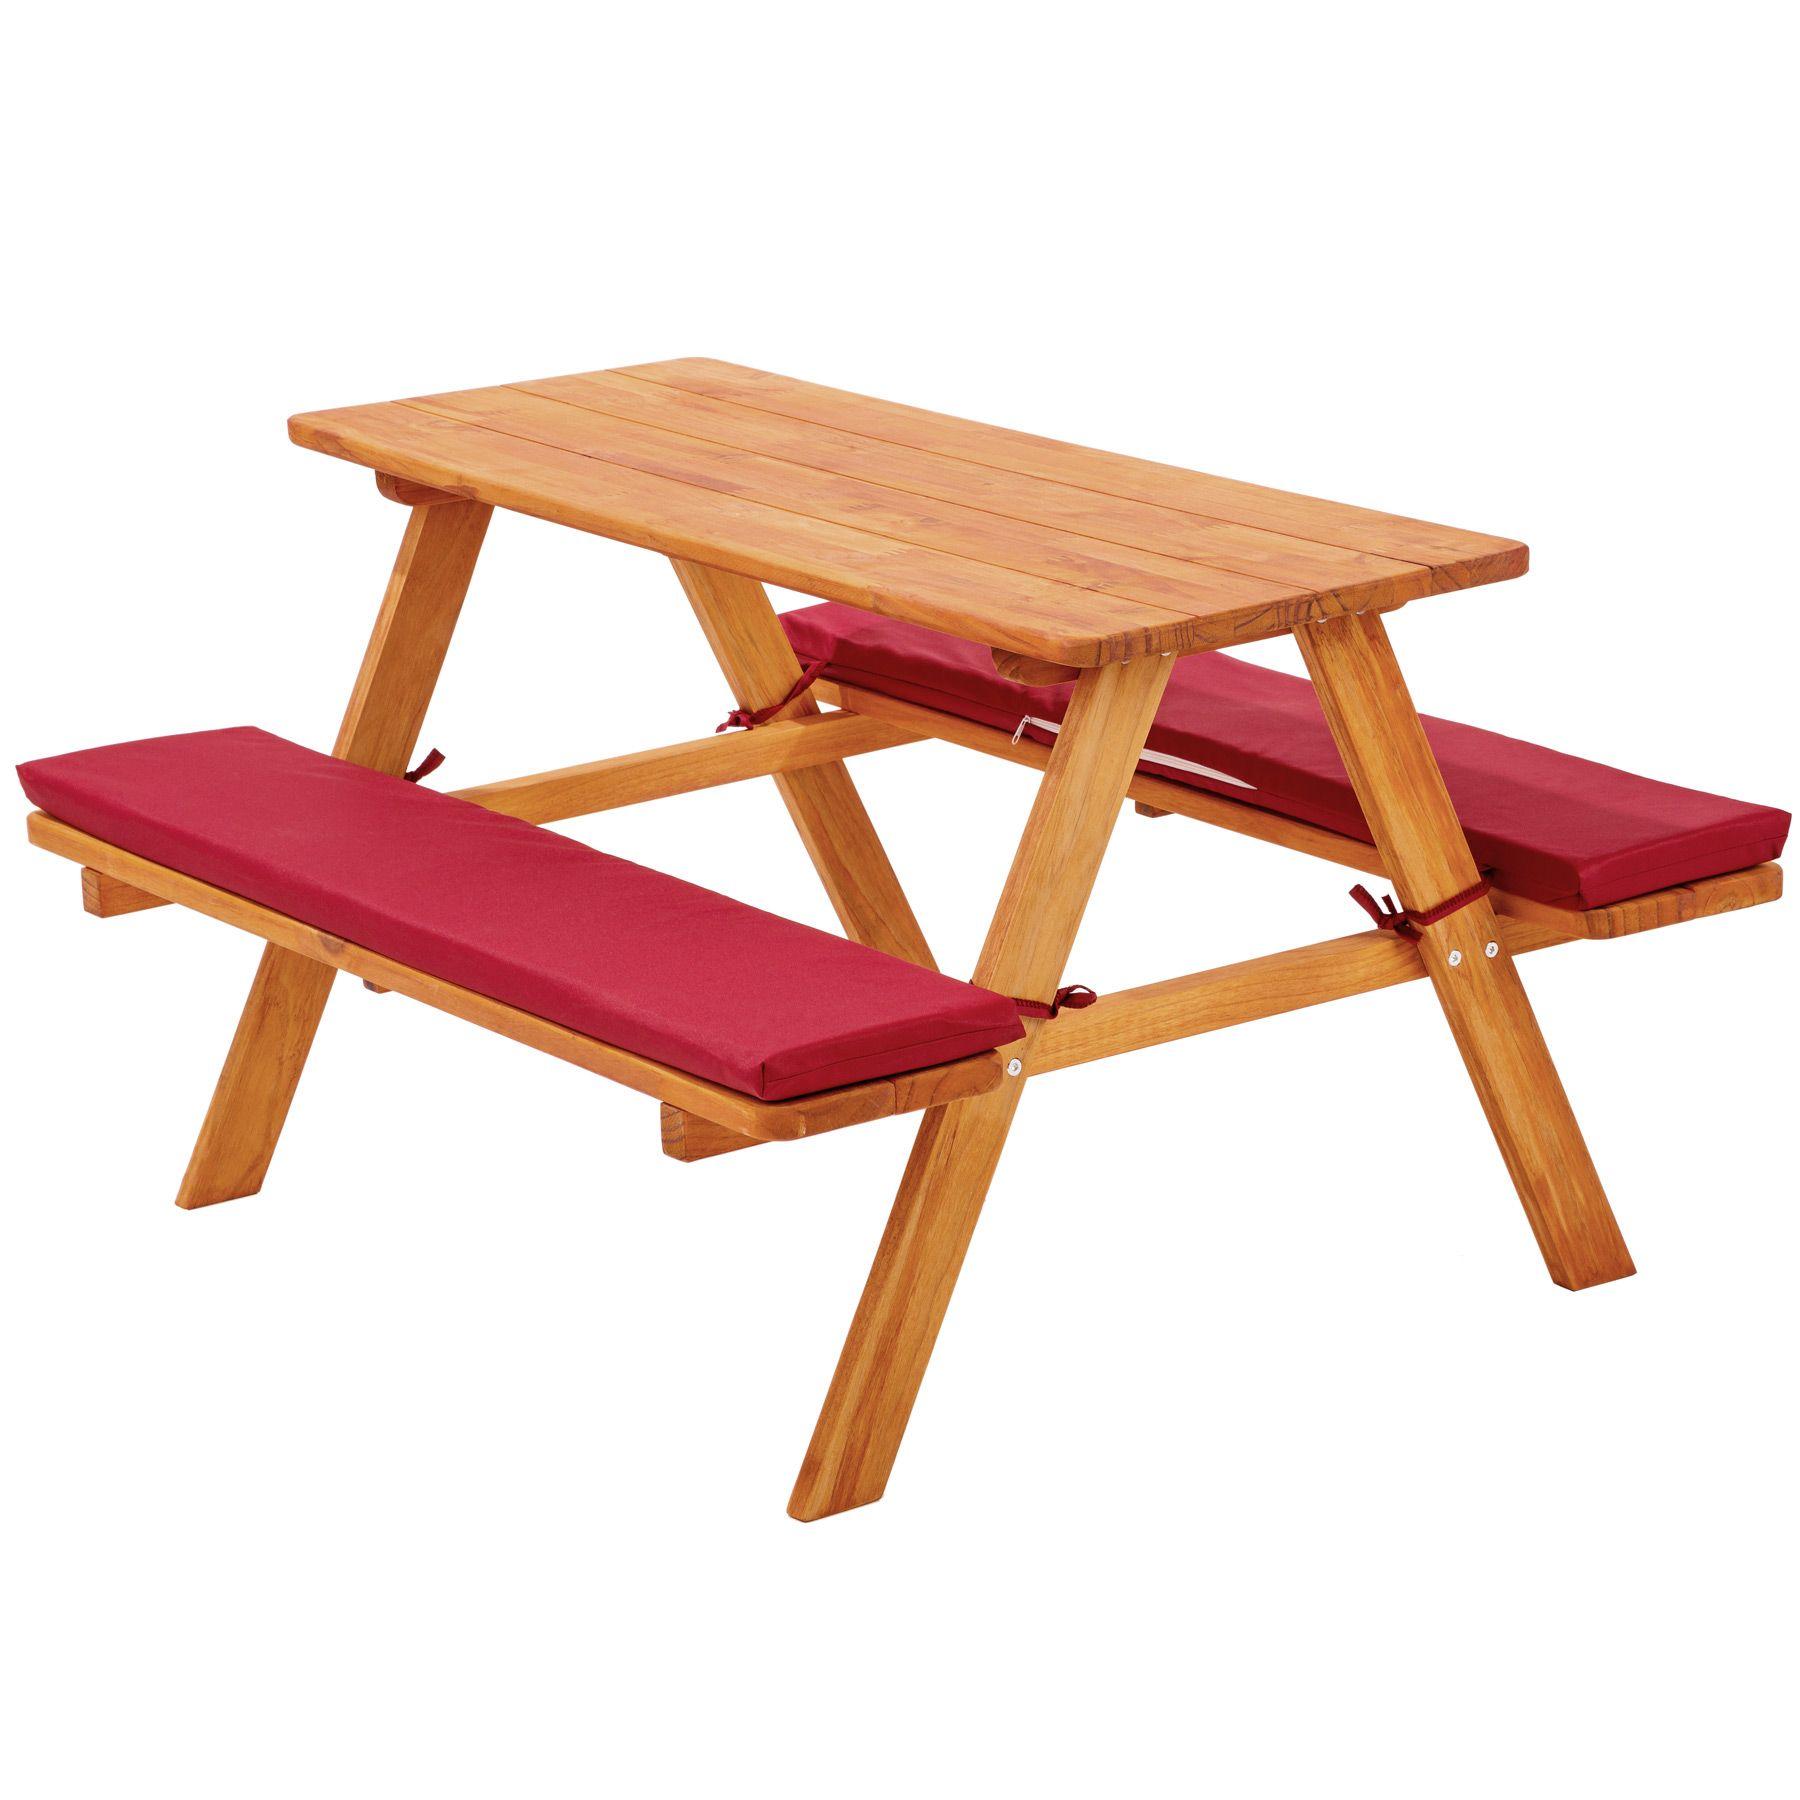 Détails sur Table bancs de pique-nique meubles enfants bois jardin avec  coussins rouge